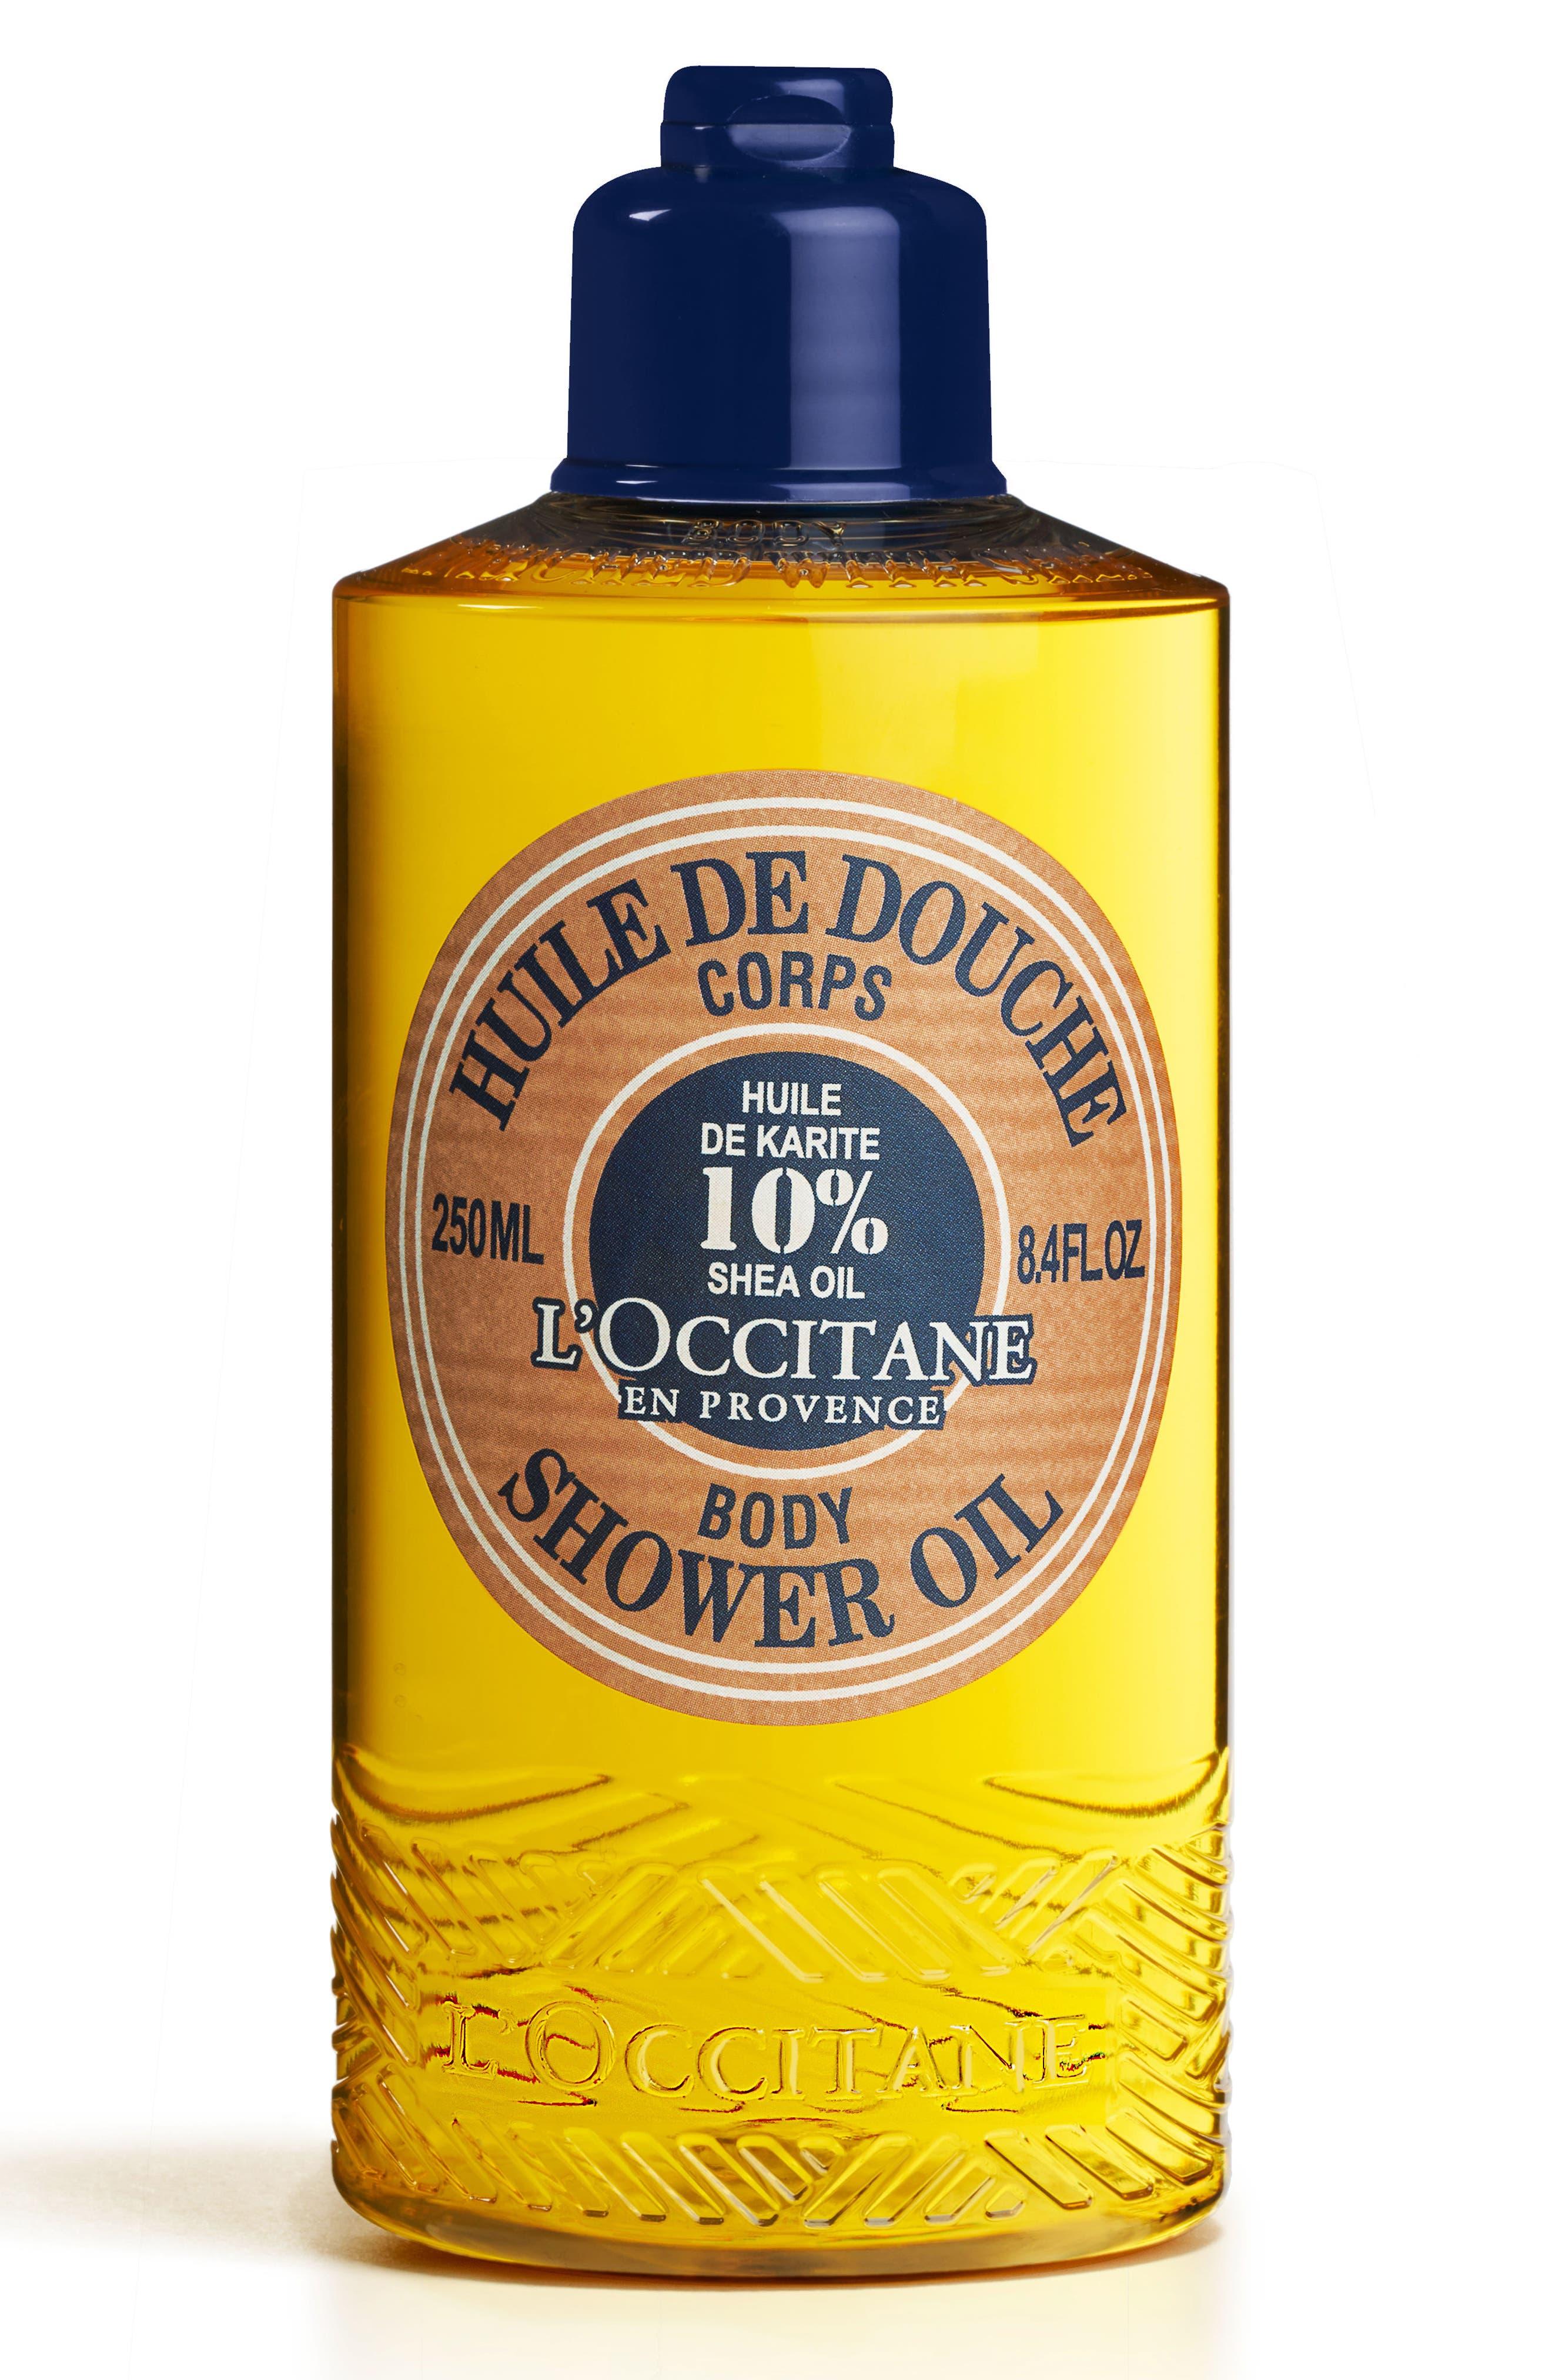 Alternate Image 1 Selected - L'Occitane Shea Body Shower Oil